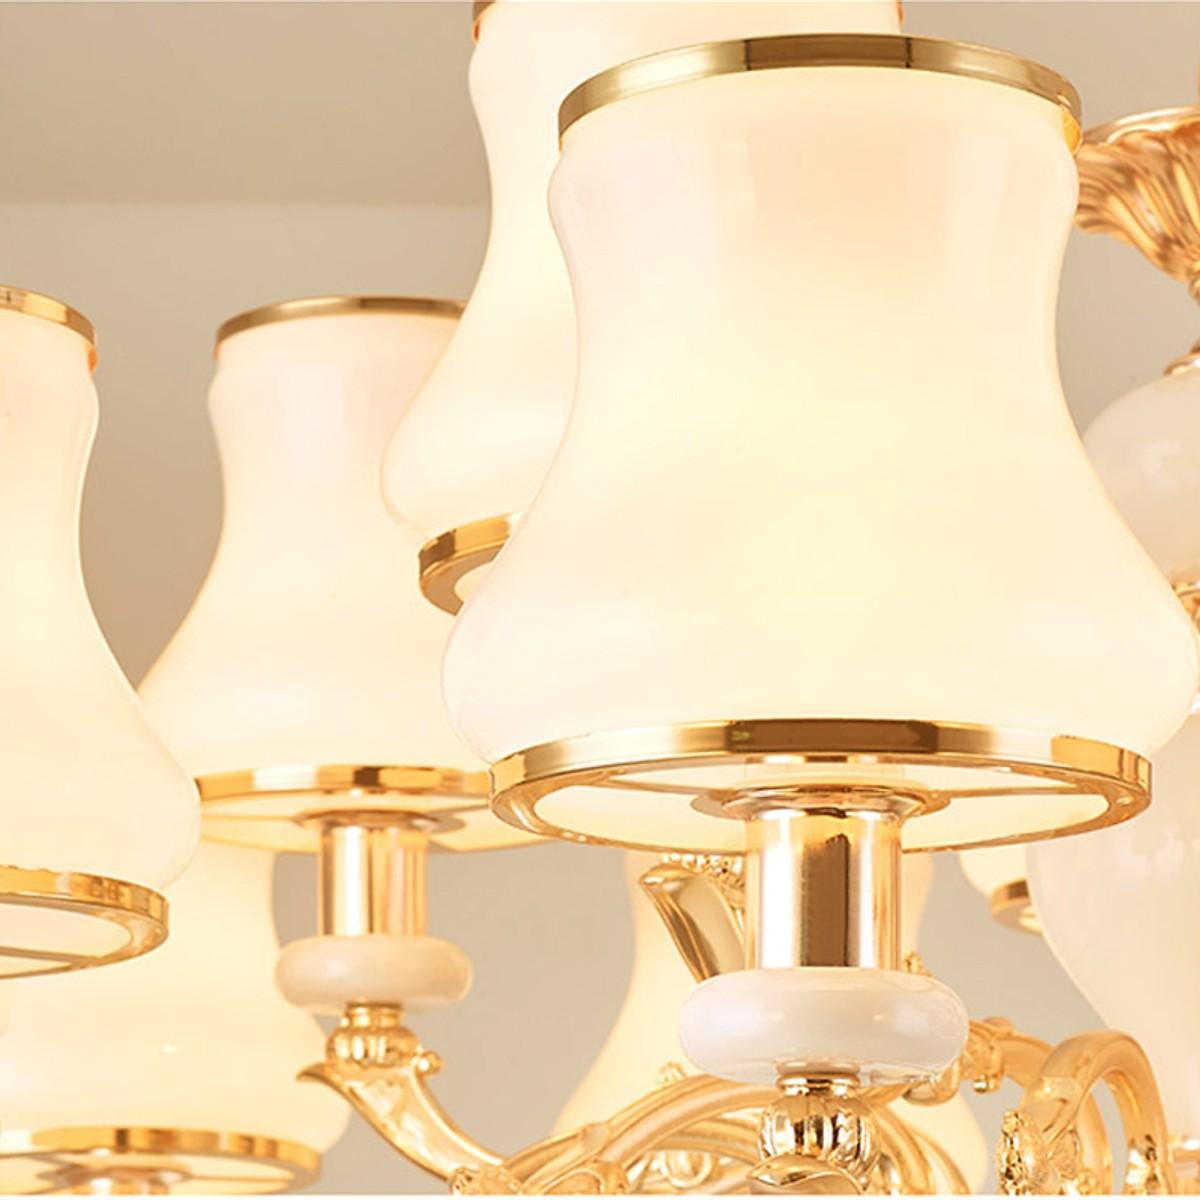 Đèn chùm trang trí pha lê phong cách Châu Âu hiện đại tiết kiệm năng lượng ROMAN